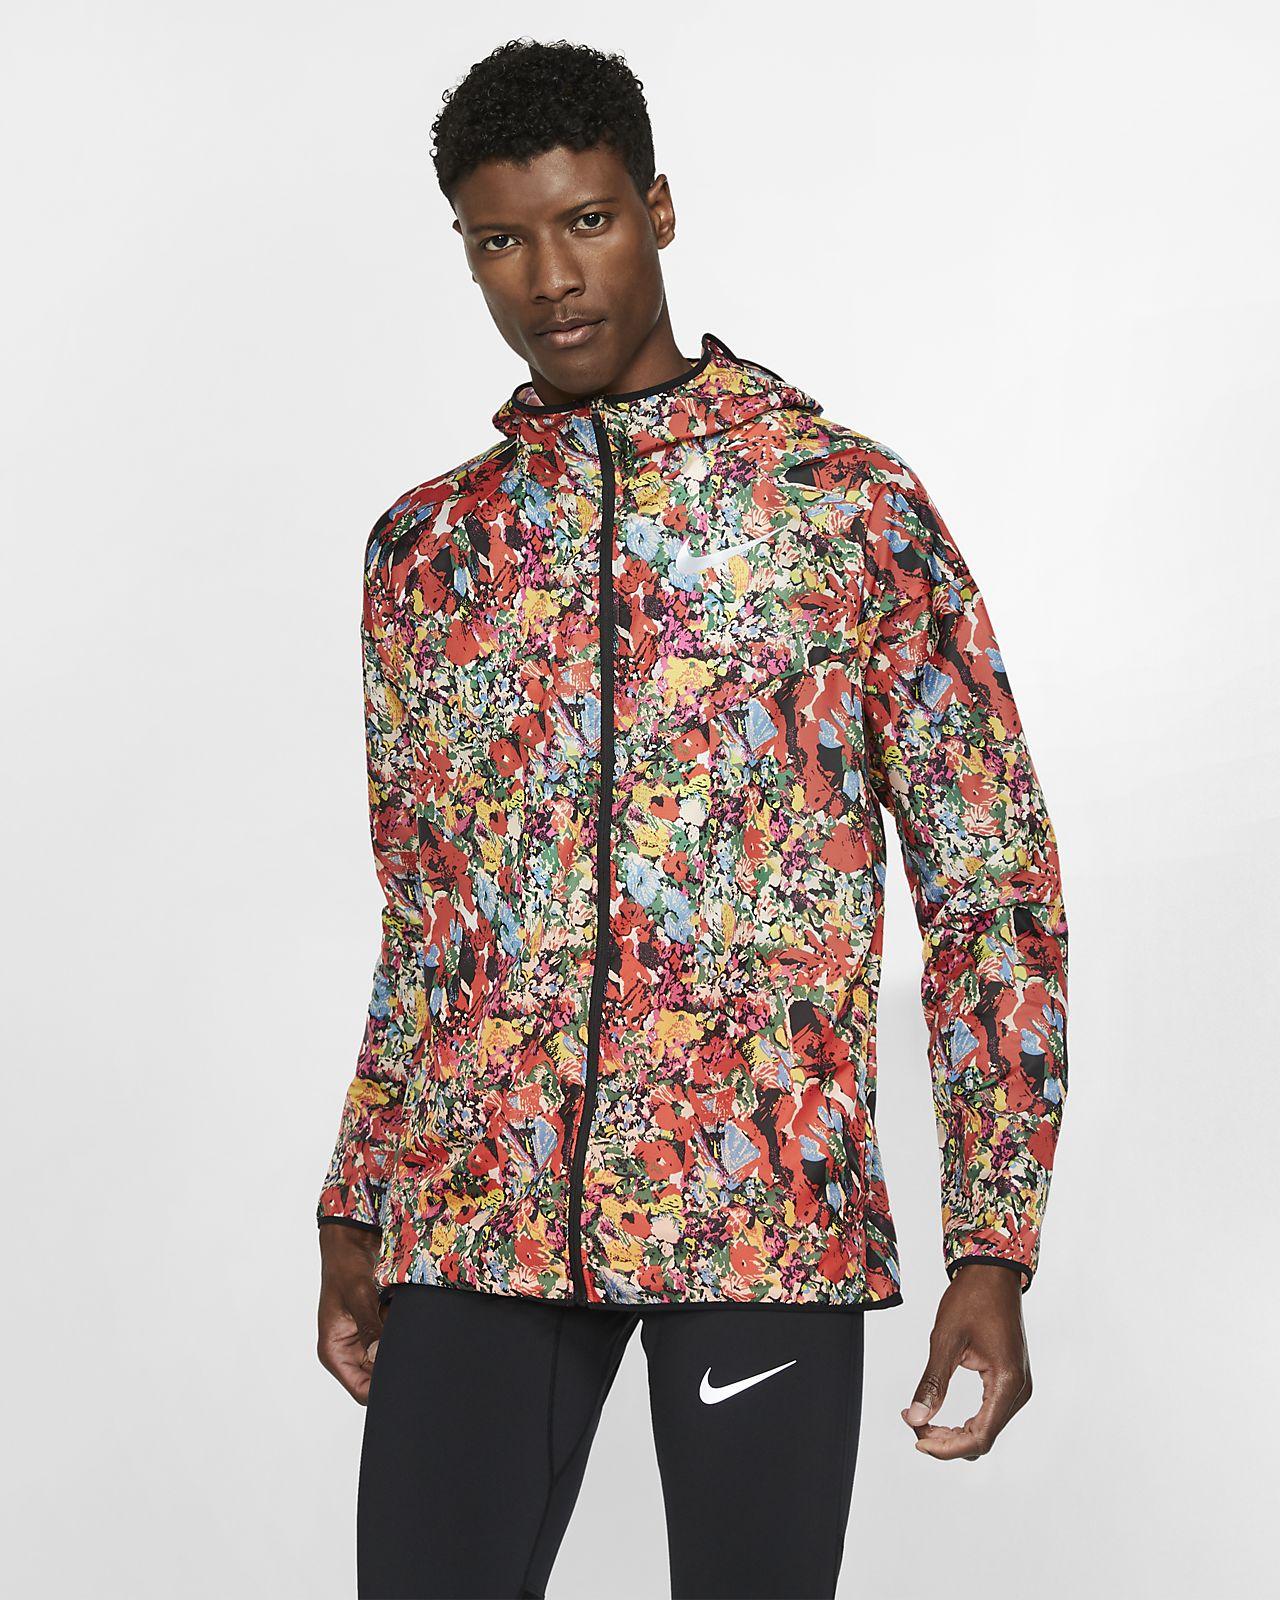 Nike Windrunner Men's Printed Running Jacket